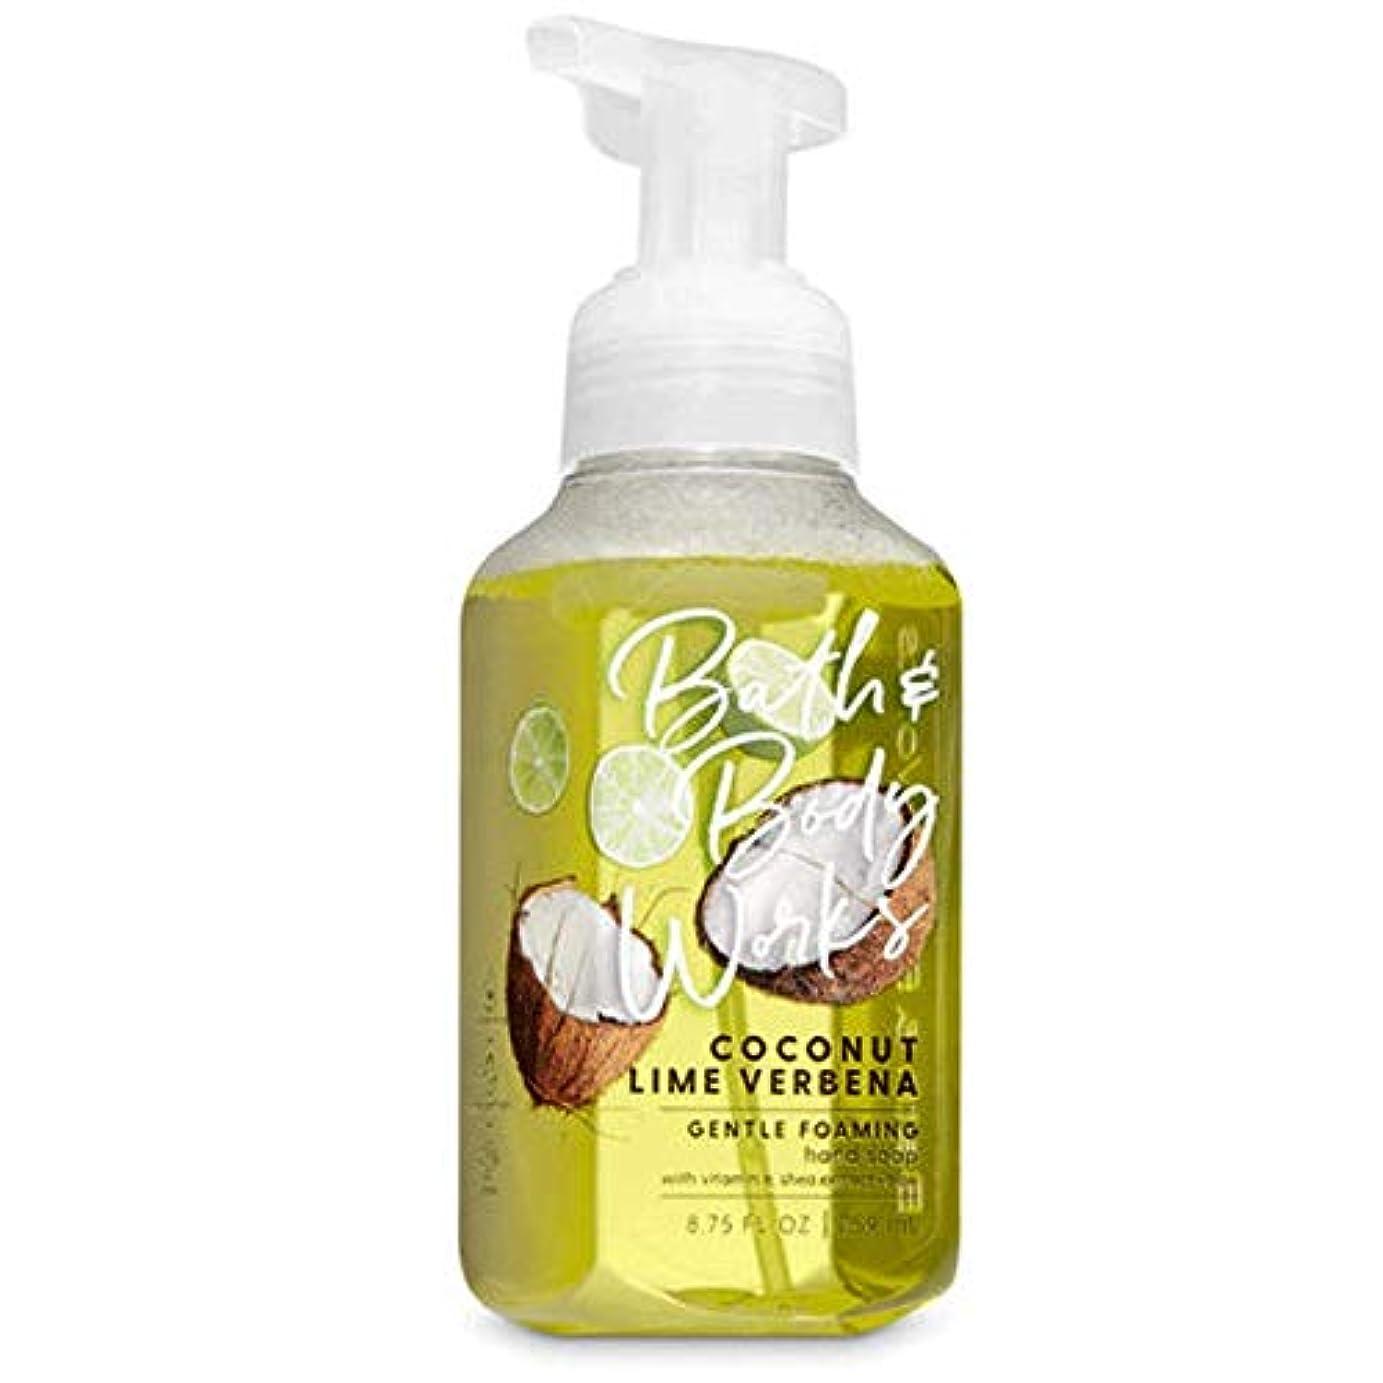 死傷者口述する原始的なバス&ボディワークス ココナッツライムバーベナ ジェントル フォーミング ハンドソープ Coconut Lime Verbena Gentle Foaming Hand Soap